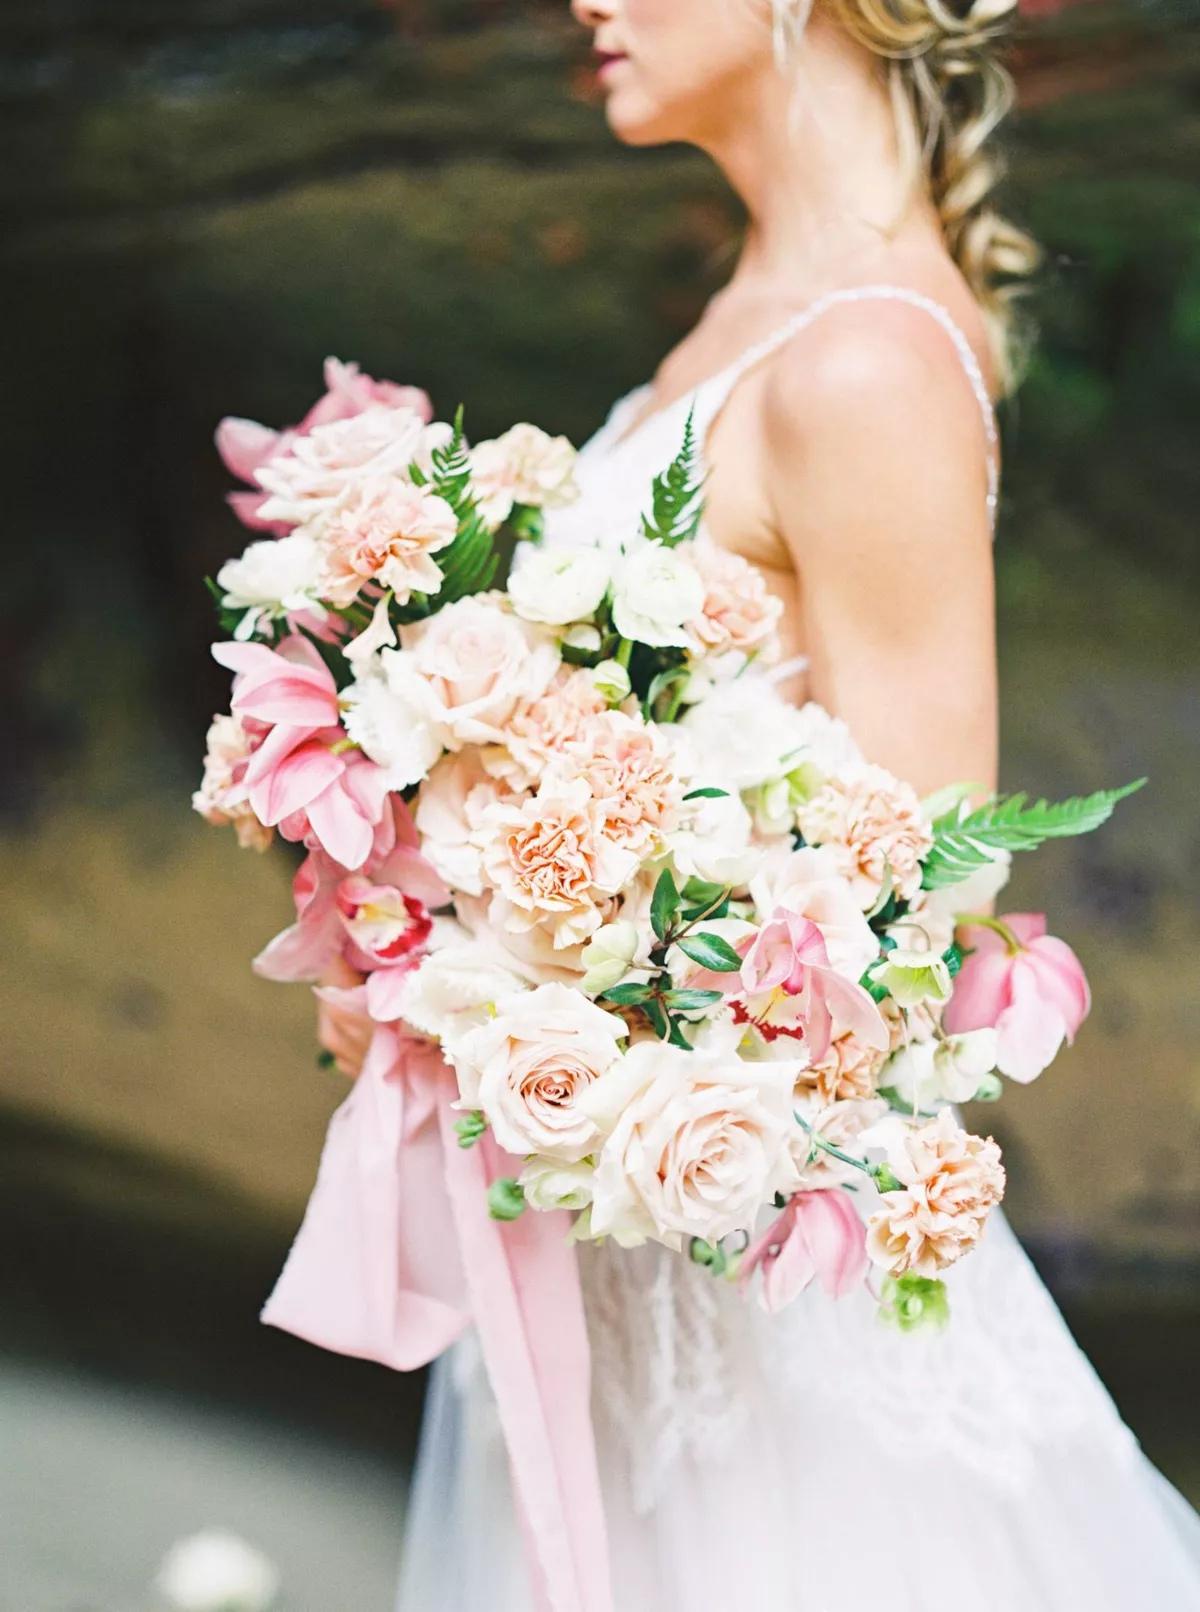 00QSuJQ60is - Свадебные букеты с гвоздиками - фото